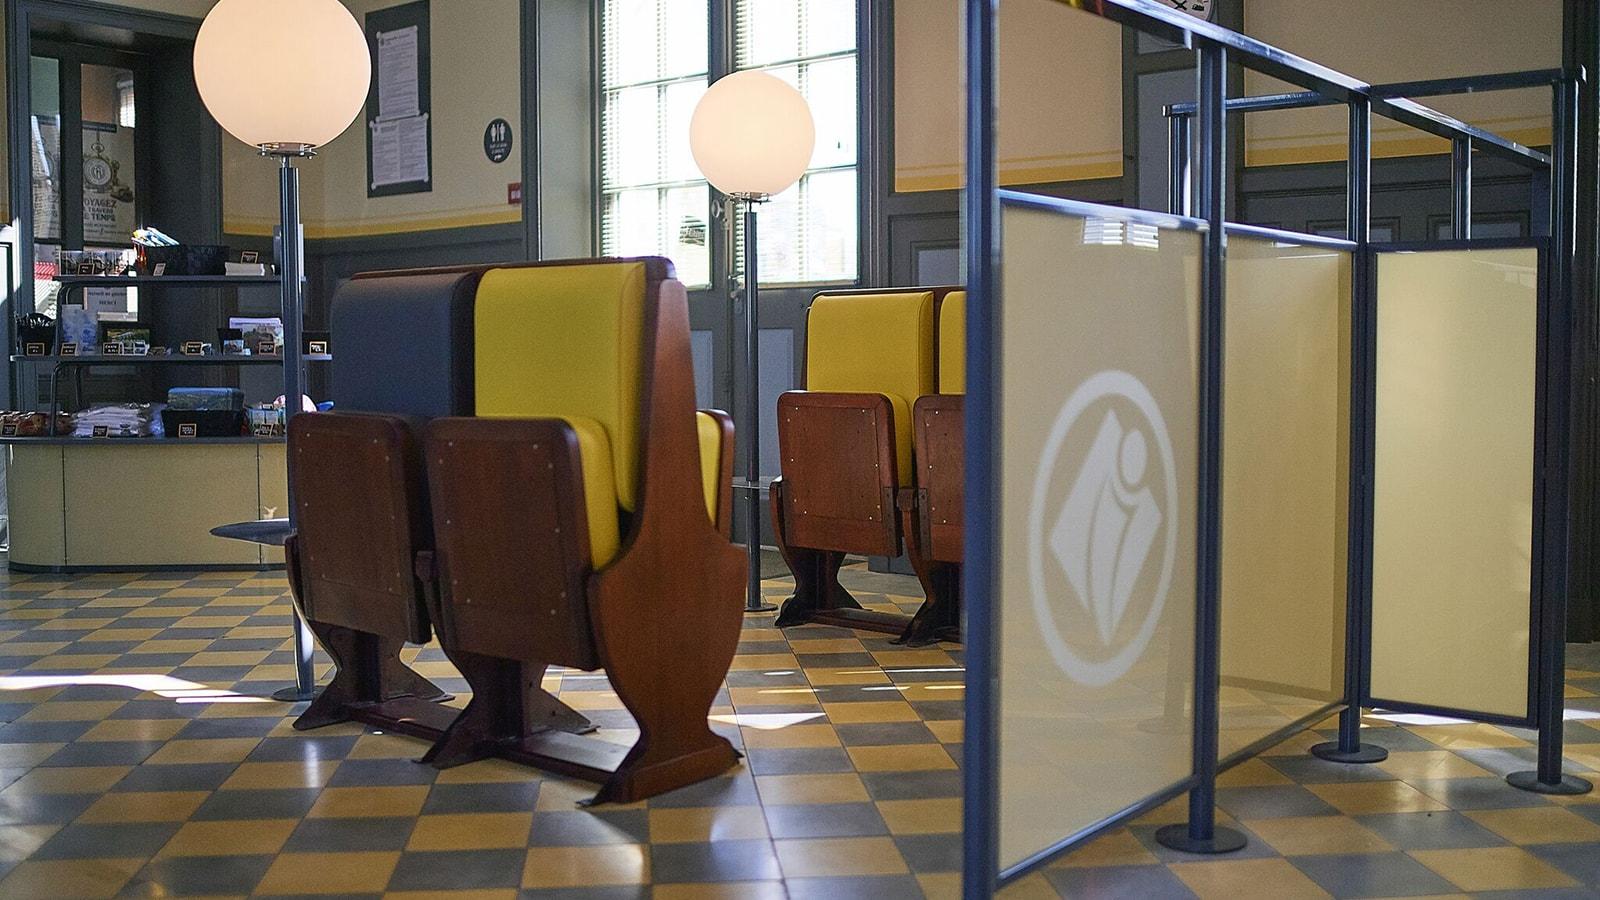 EFI Design Office De Tourisme Mortagne Efi Design (7) 1144